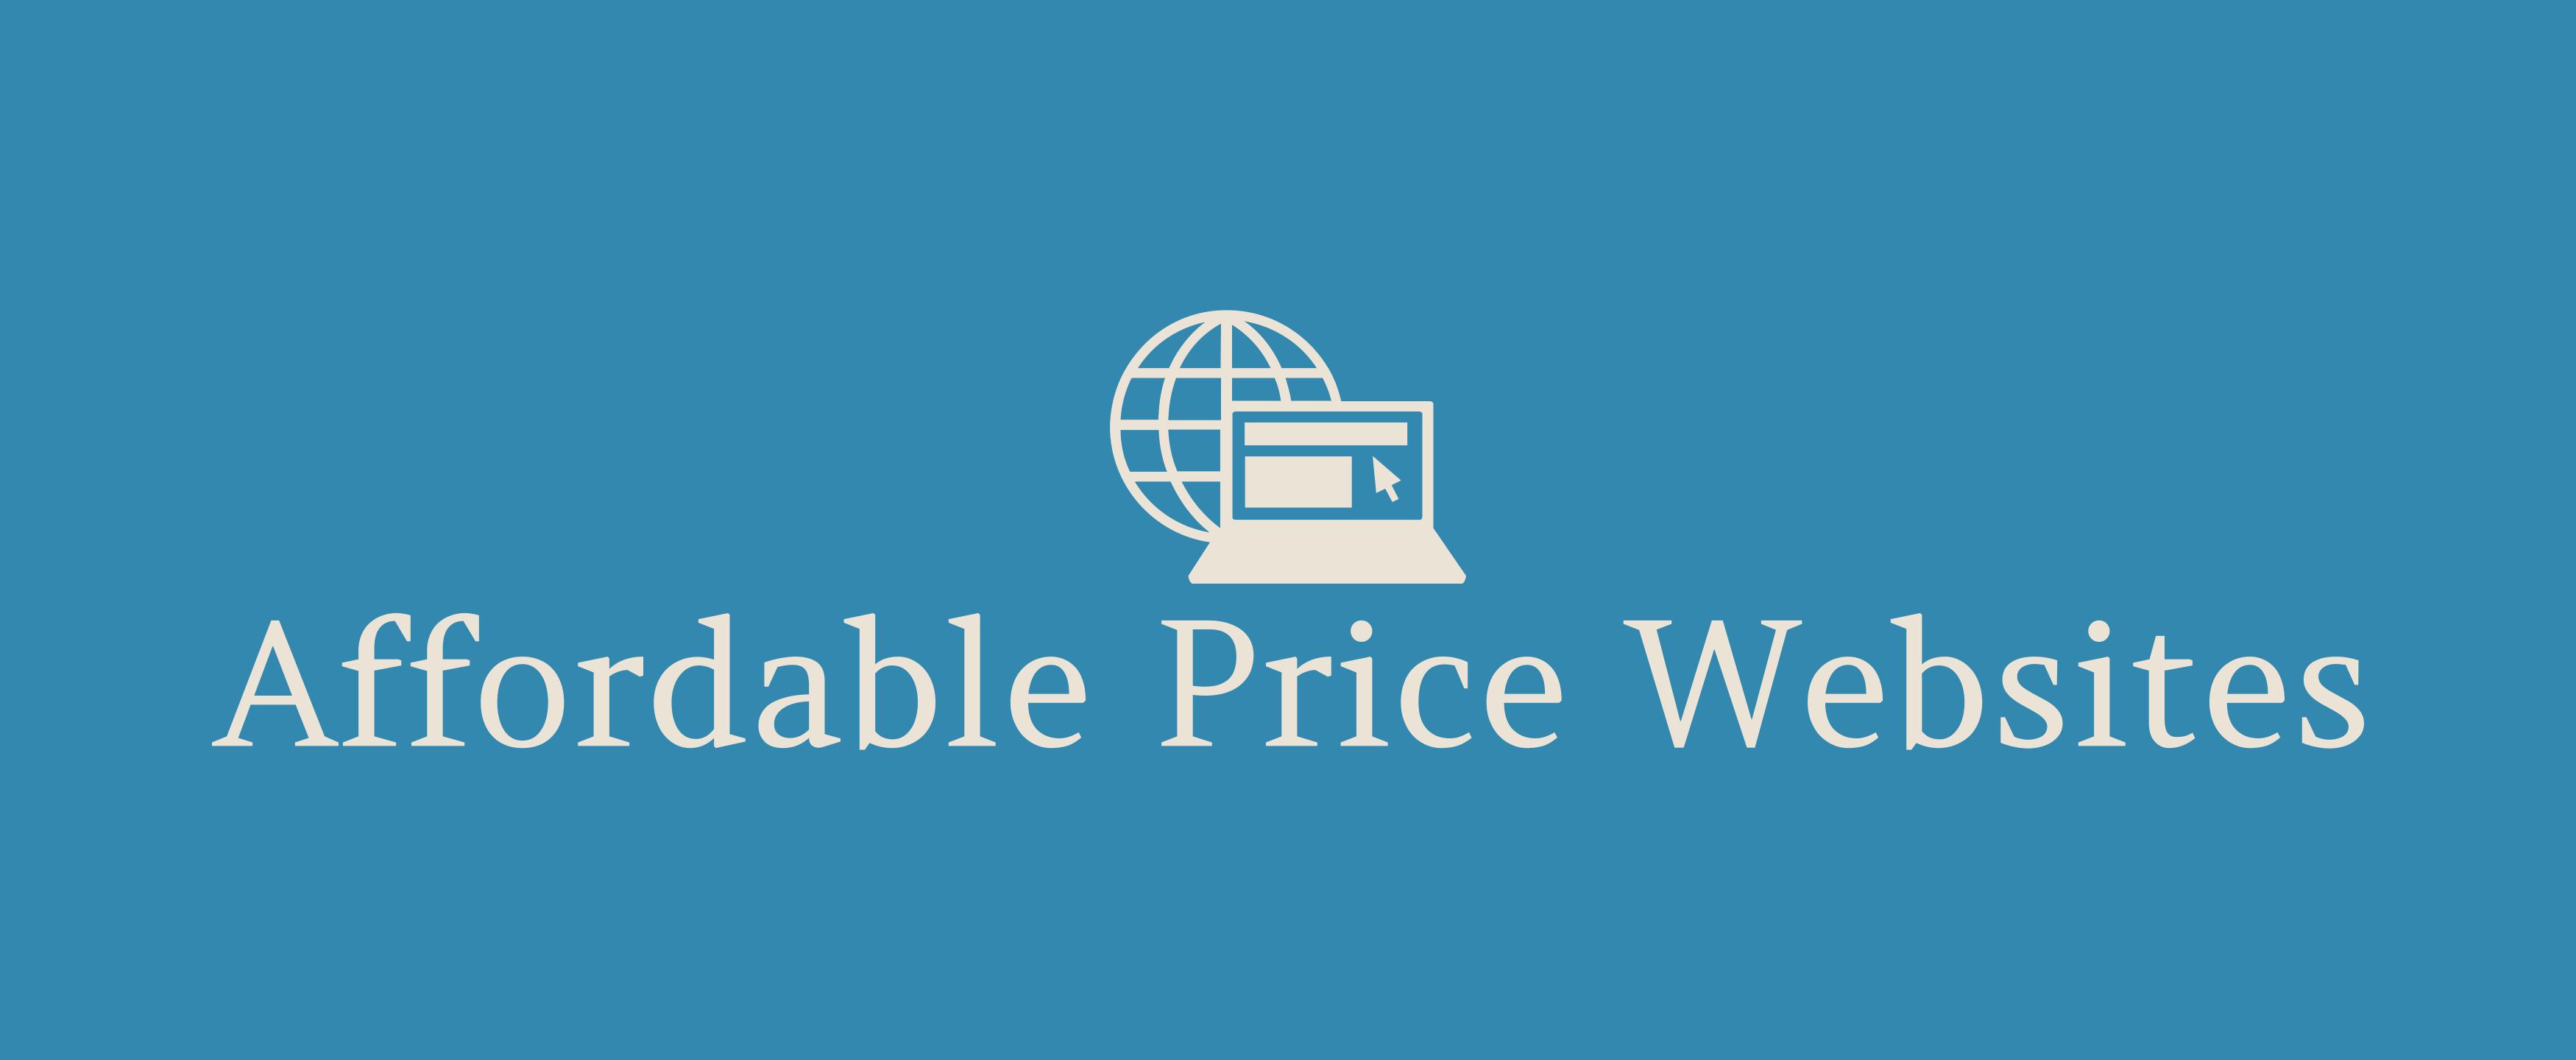 Affordable Price Websites